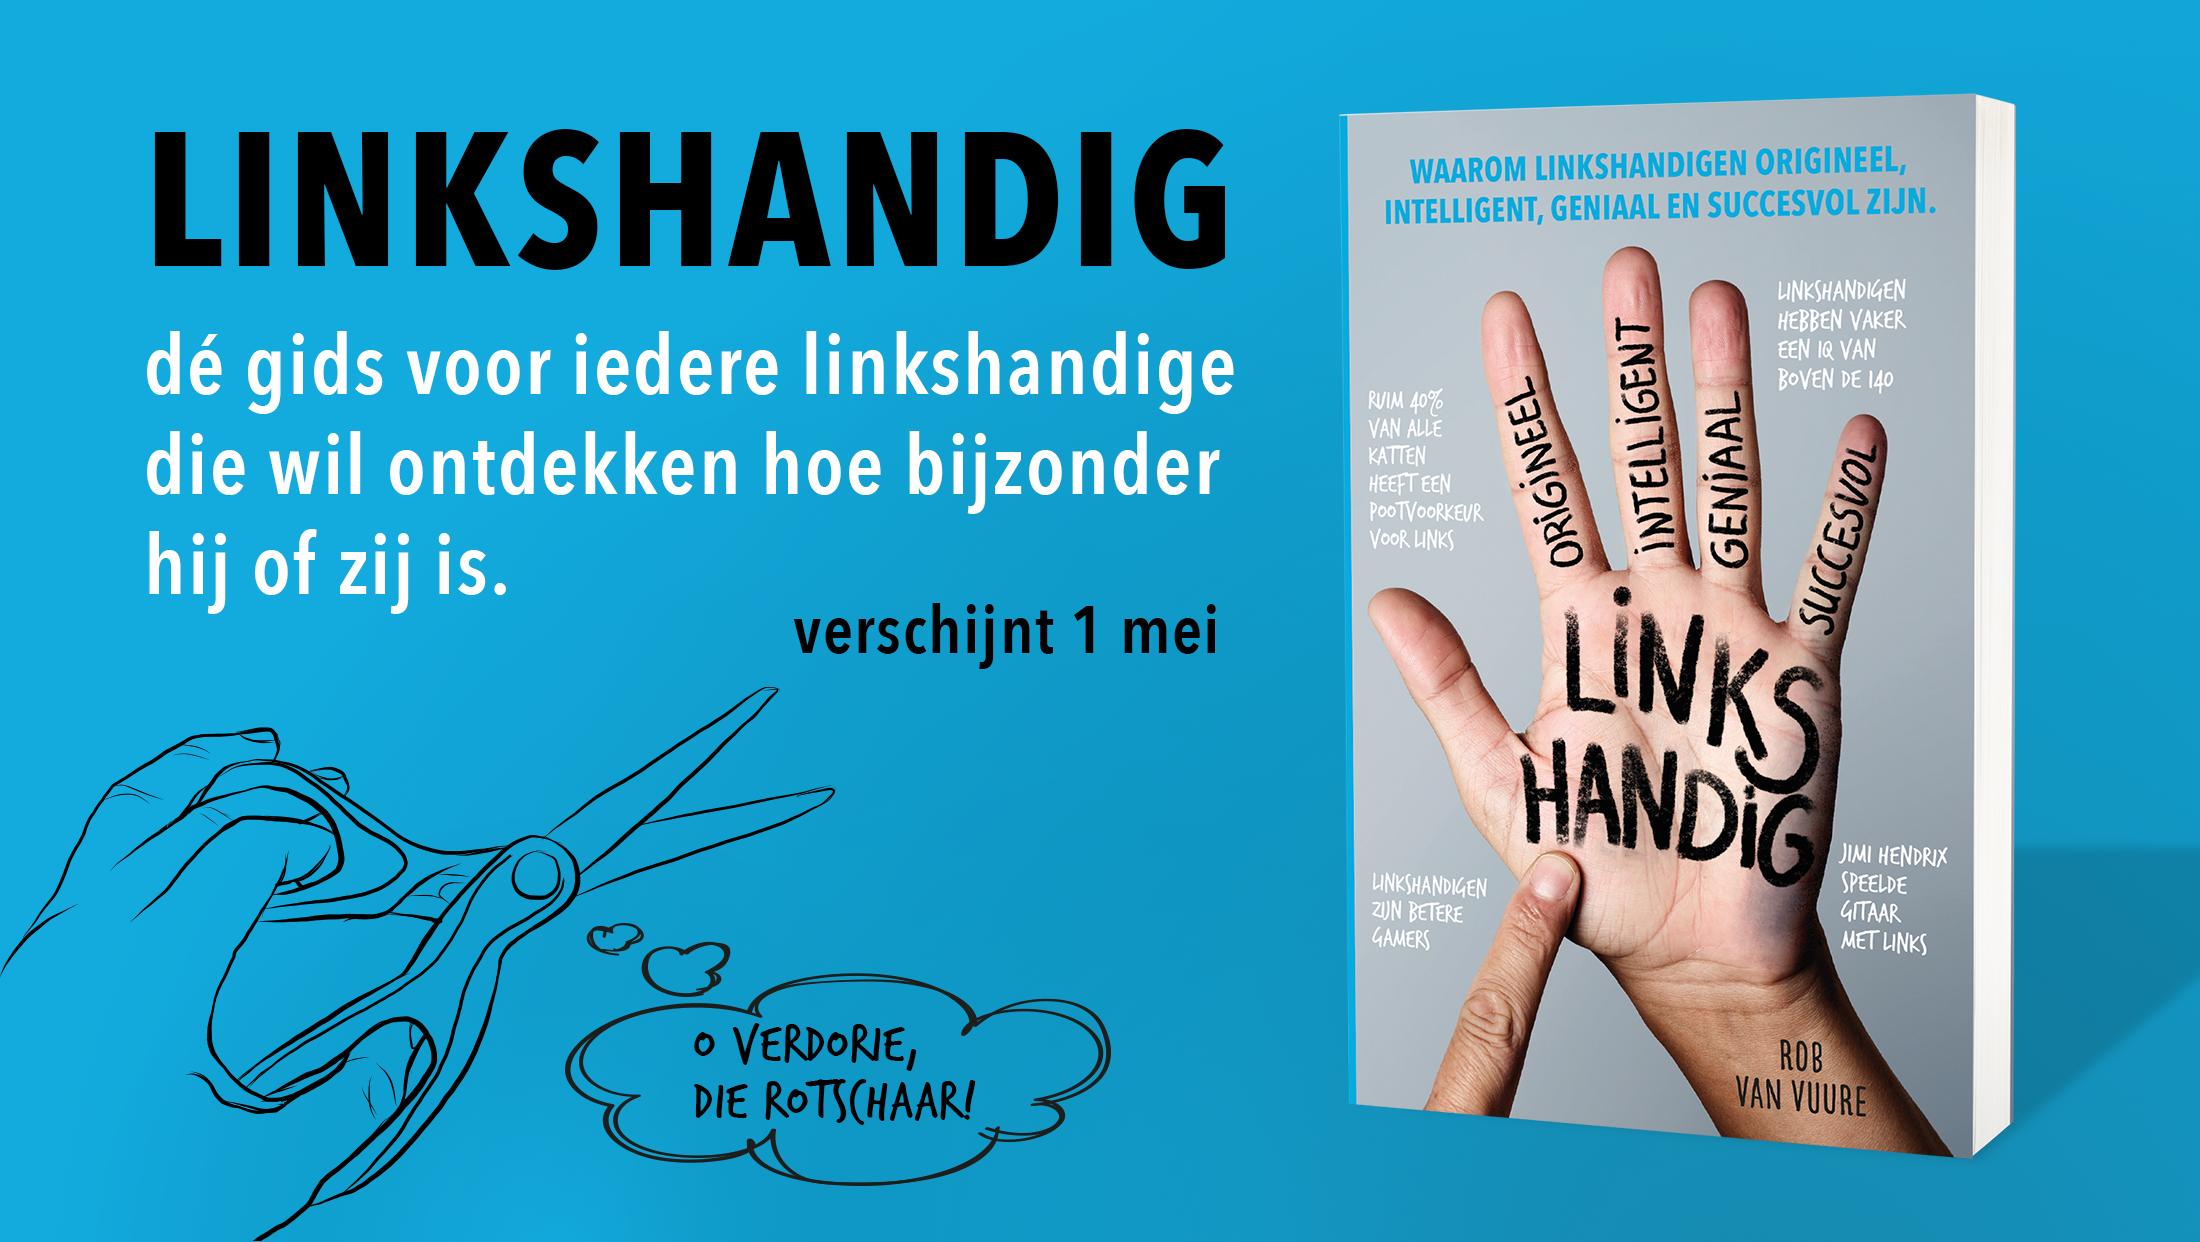 Boek over linkshandig-linkshandigheid